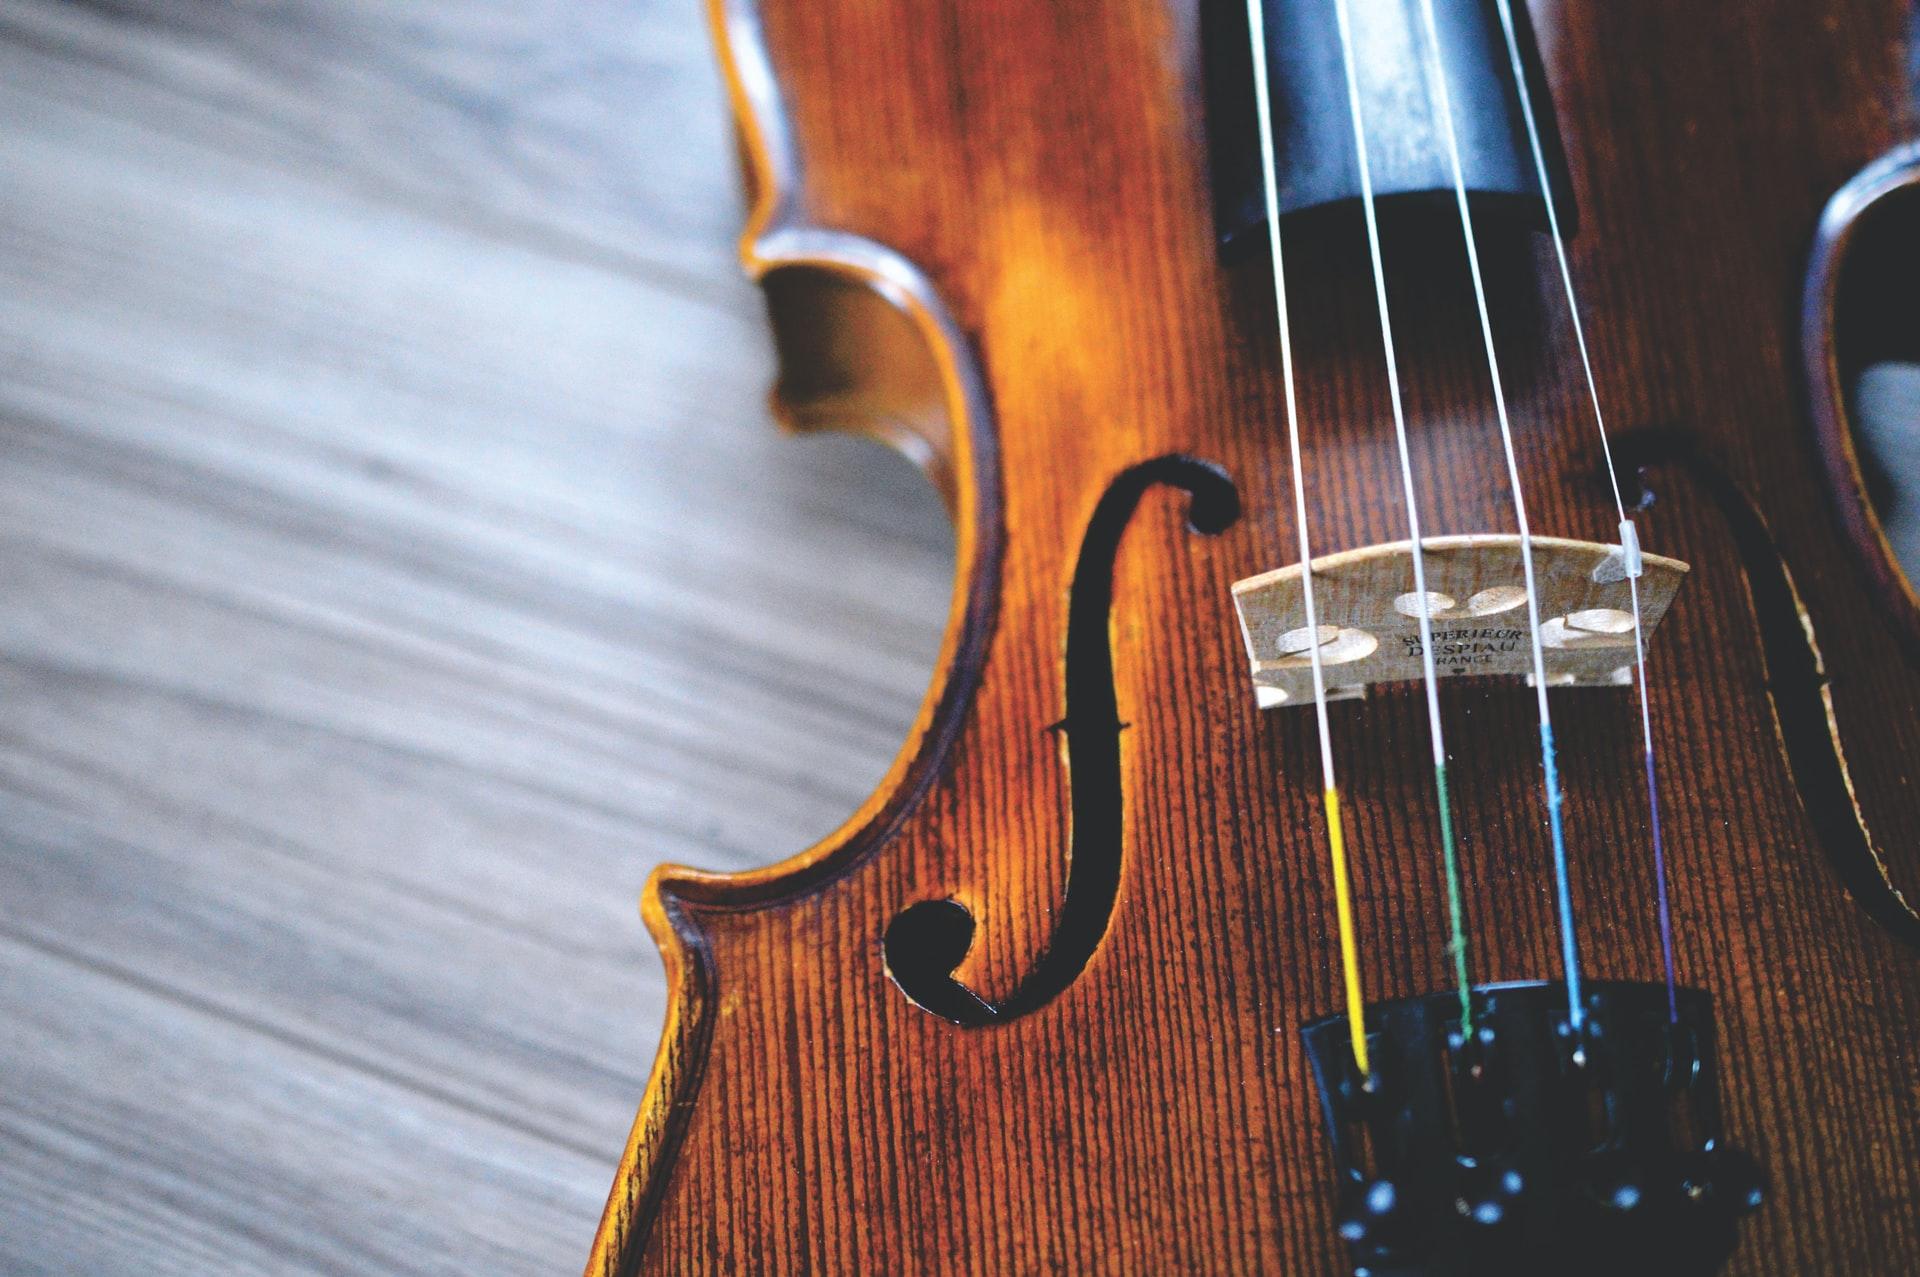 violin lessons near me in Memphis TN